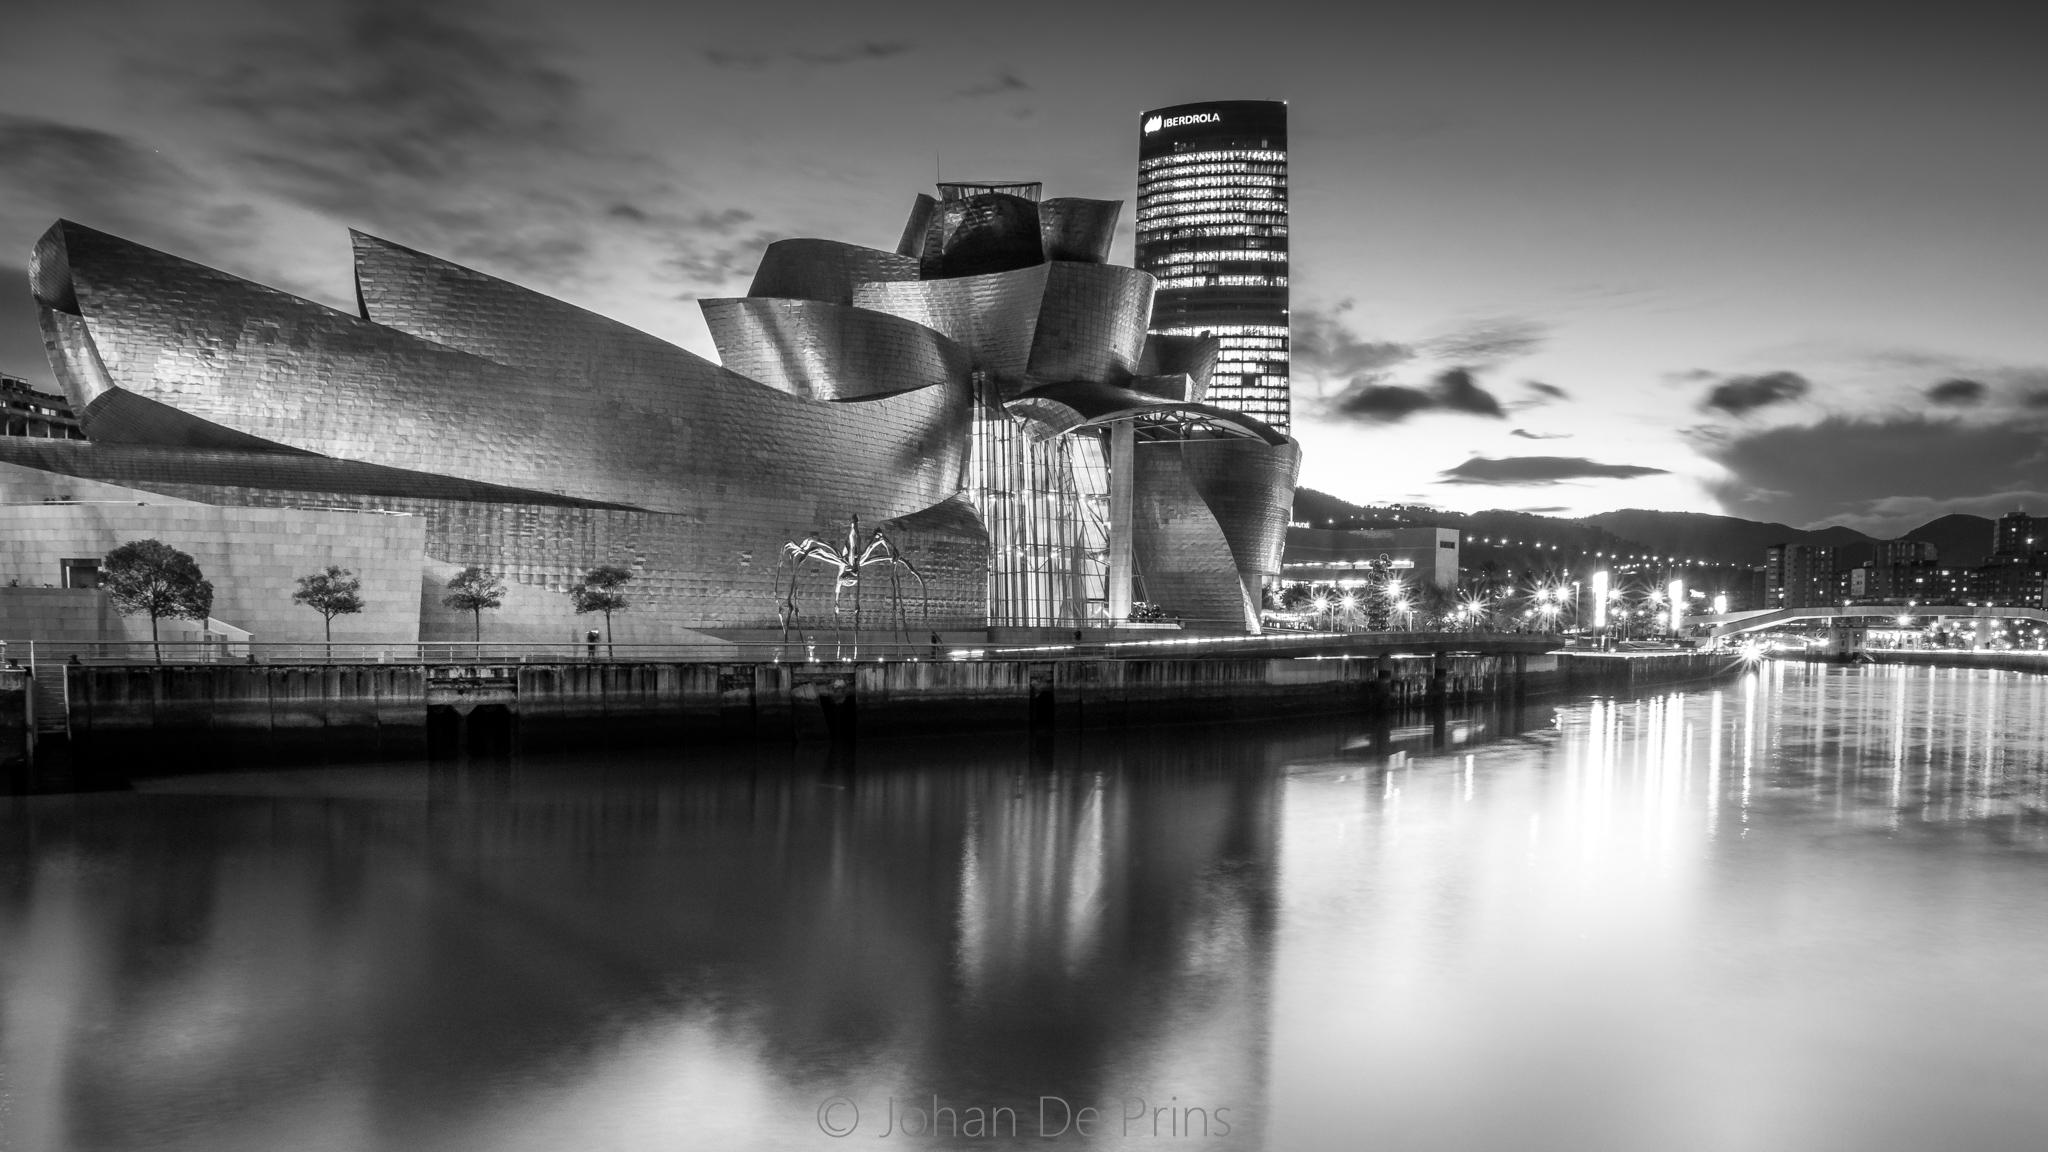 Guggenheim opposite river, Spain